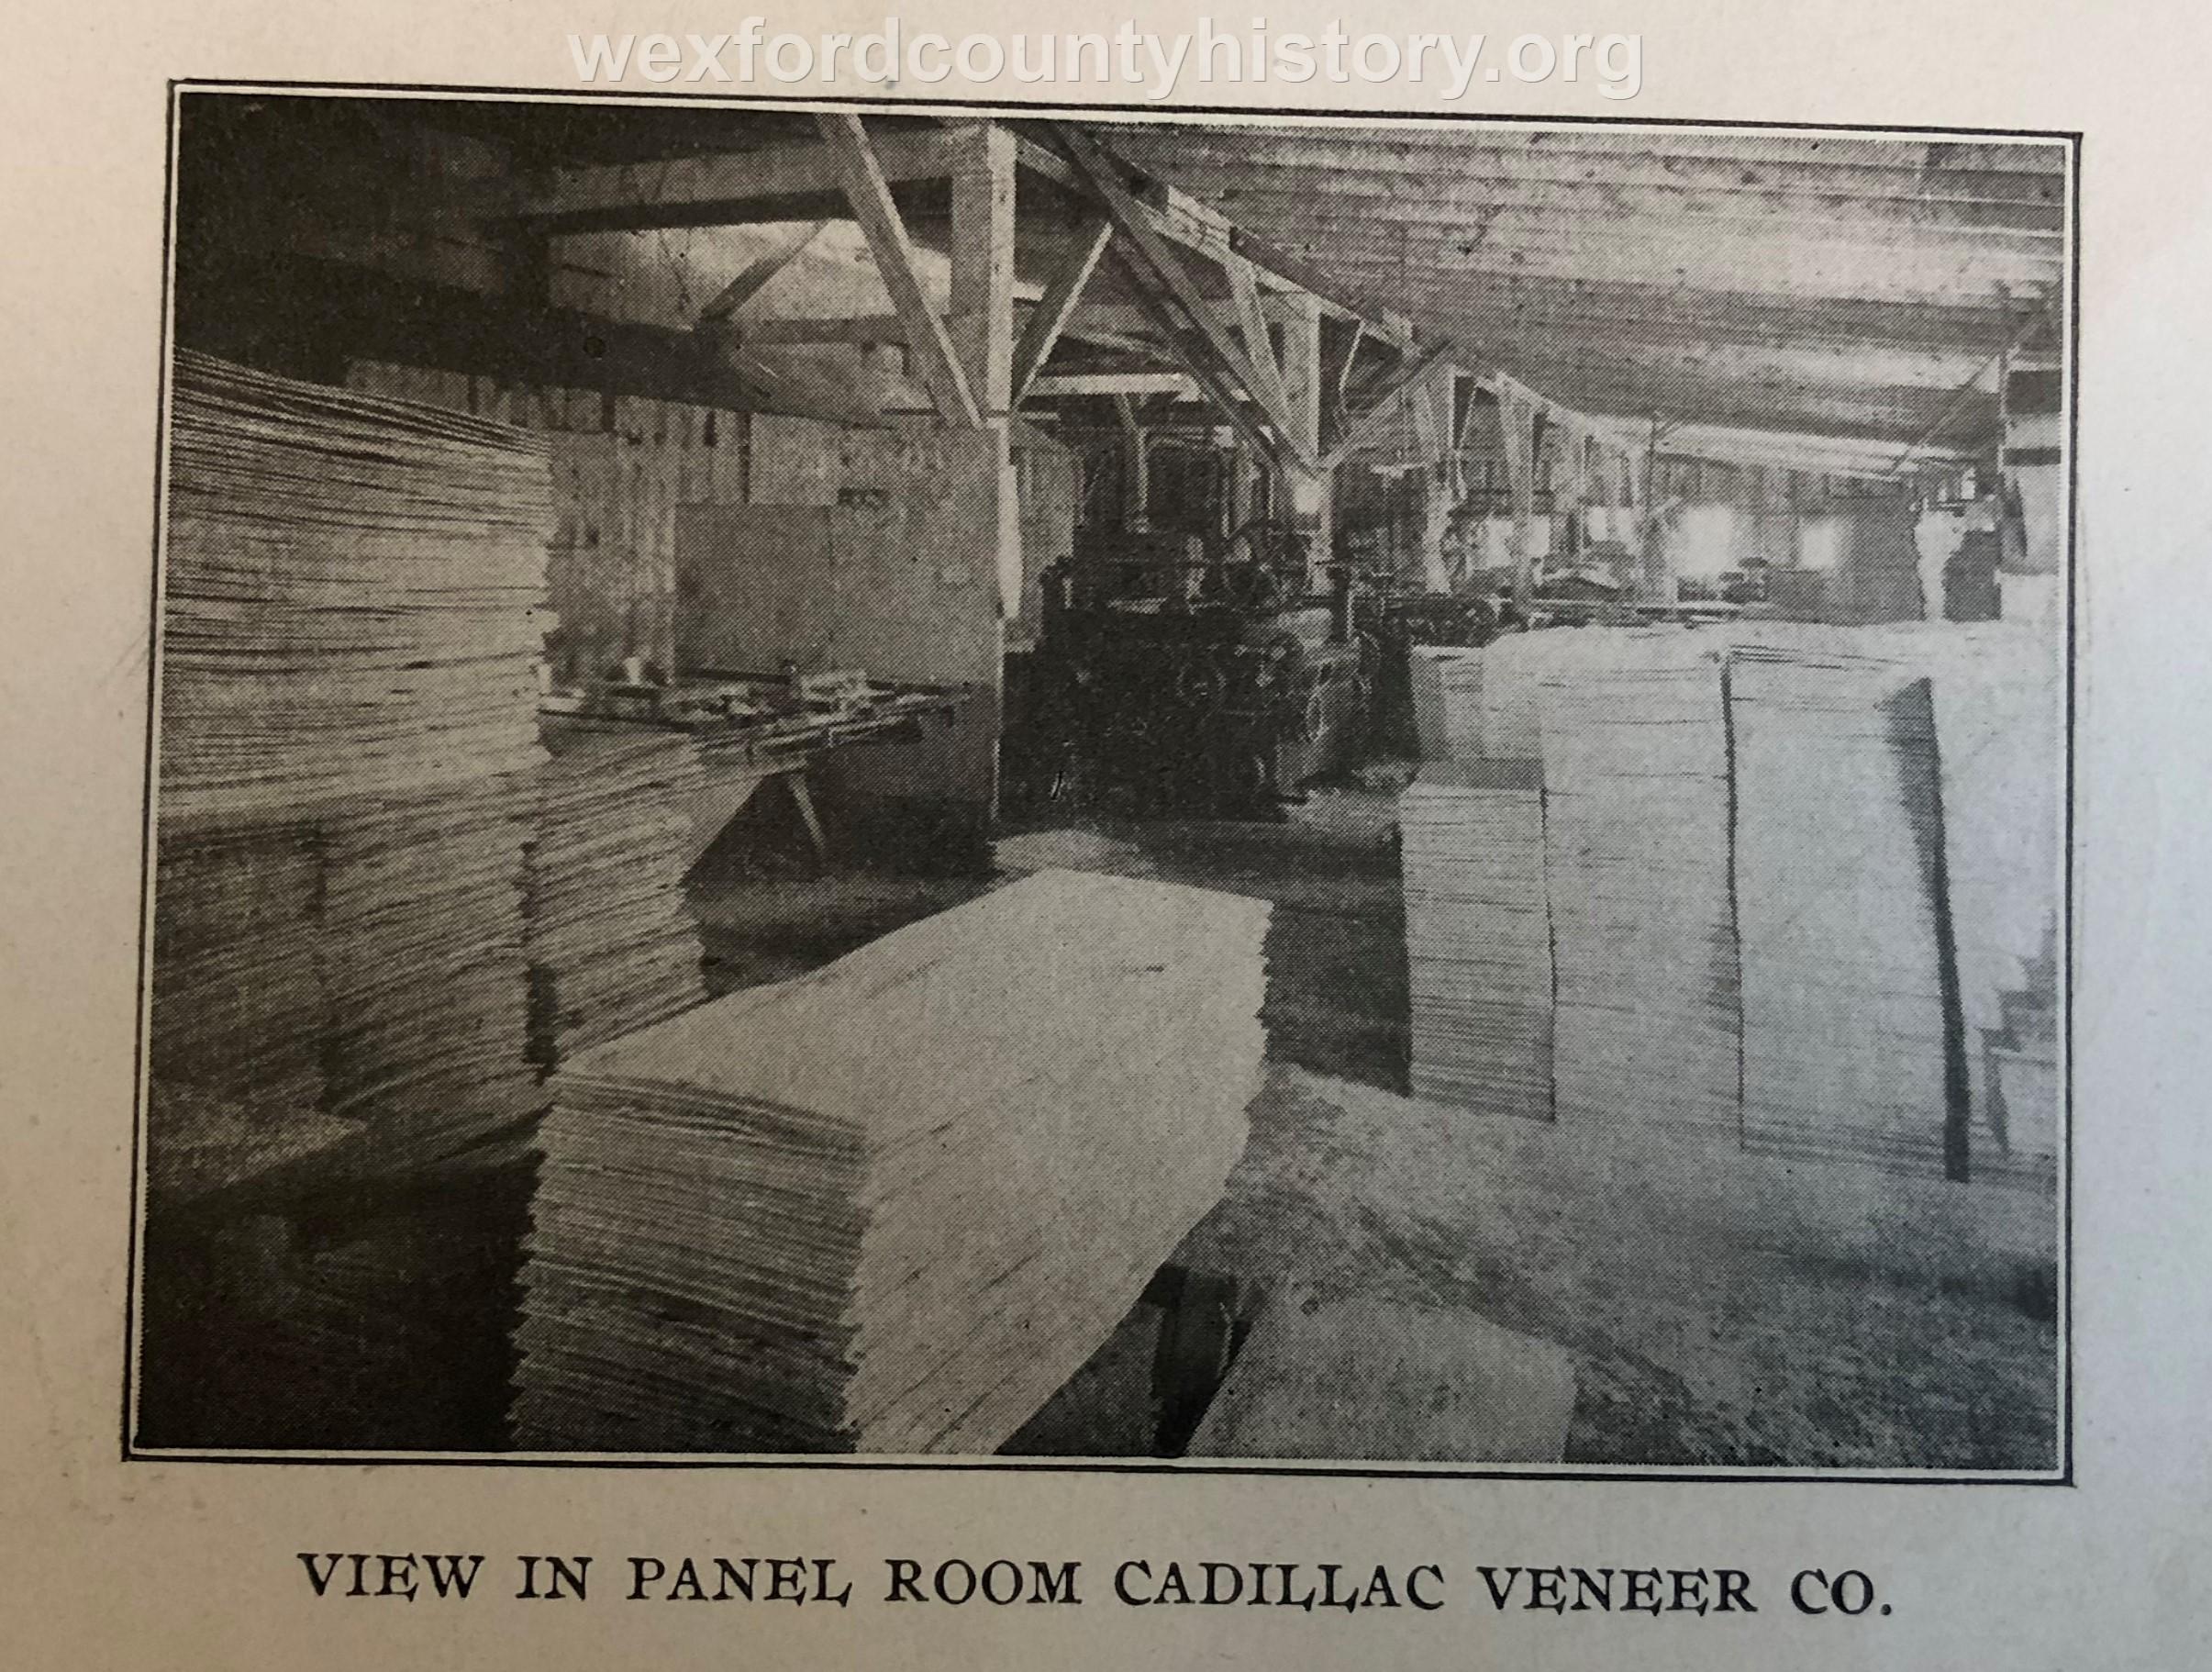 Cadillac-Business-Cadillac-Vaneer-Company-4